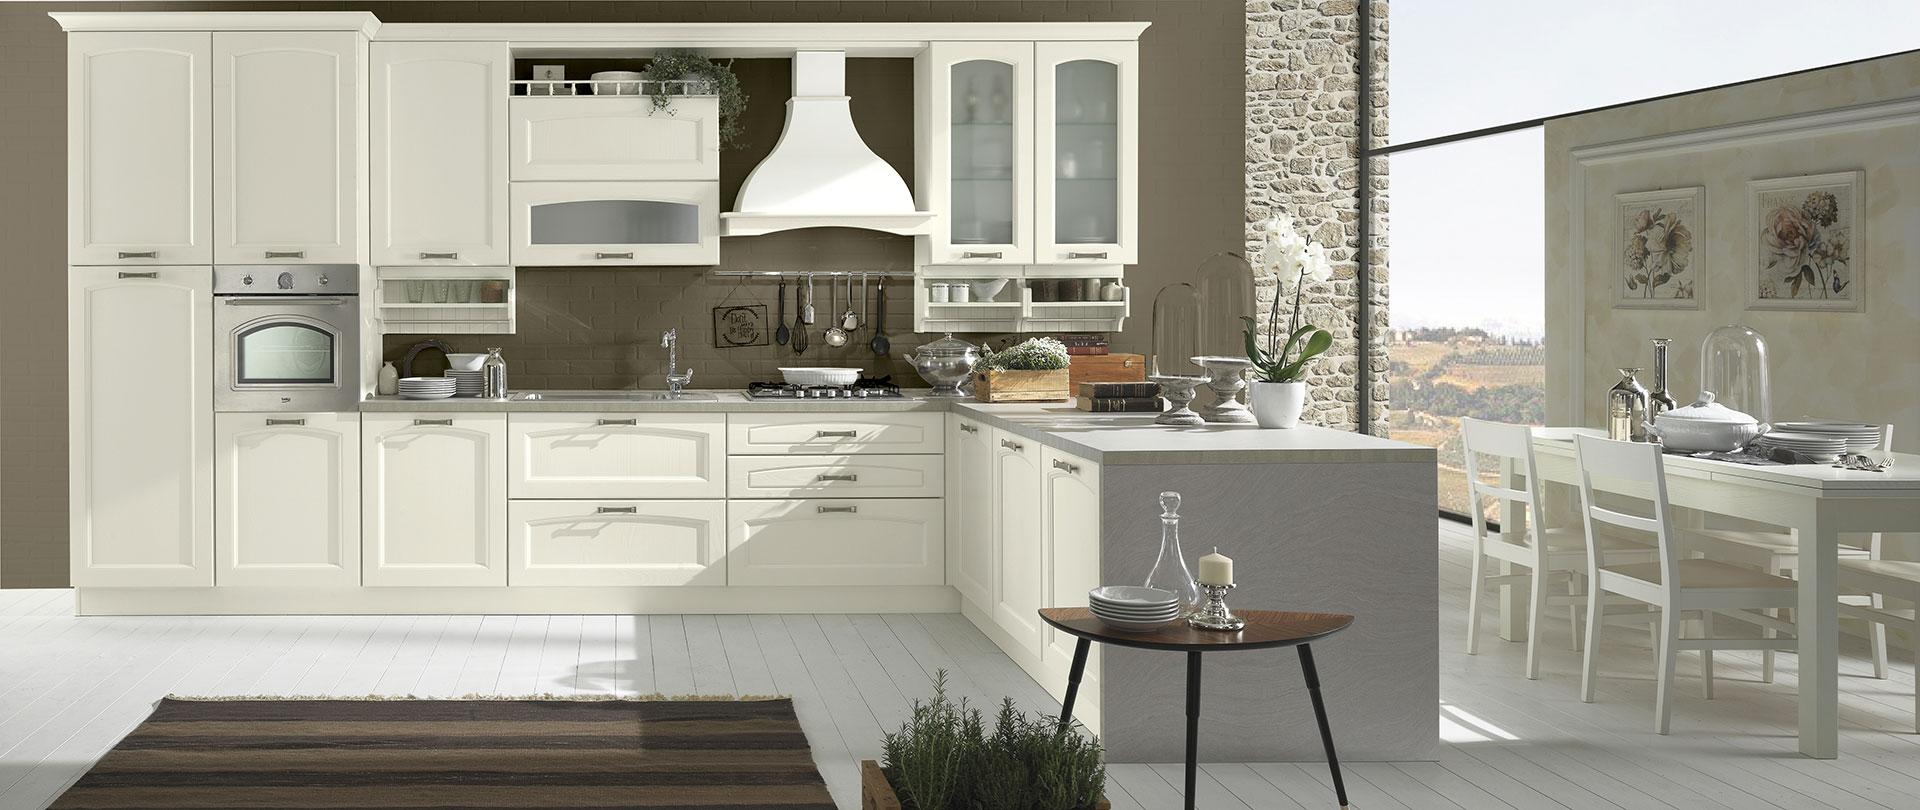 Cucine classiche in frassino memory evo cucine - Dipingere cucina legno ...